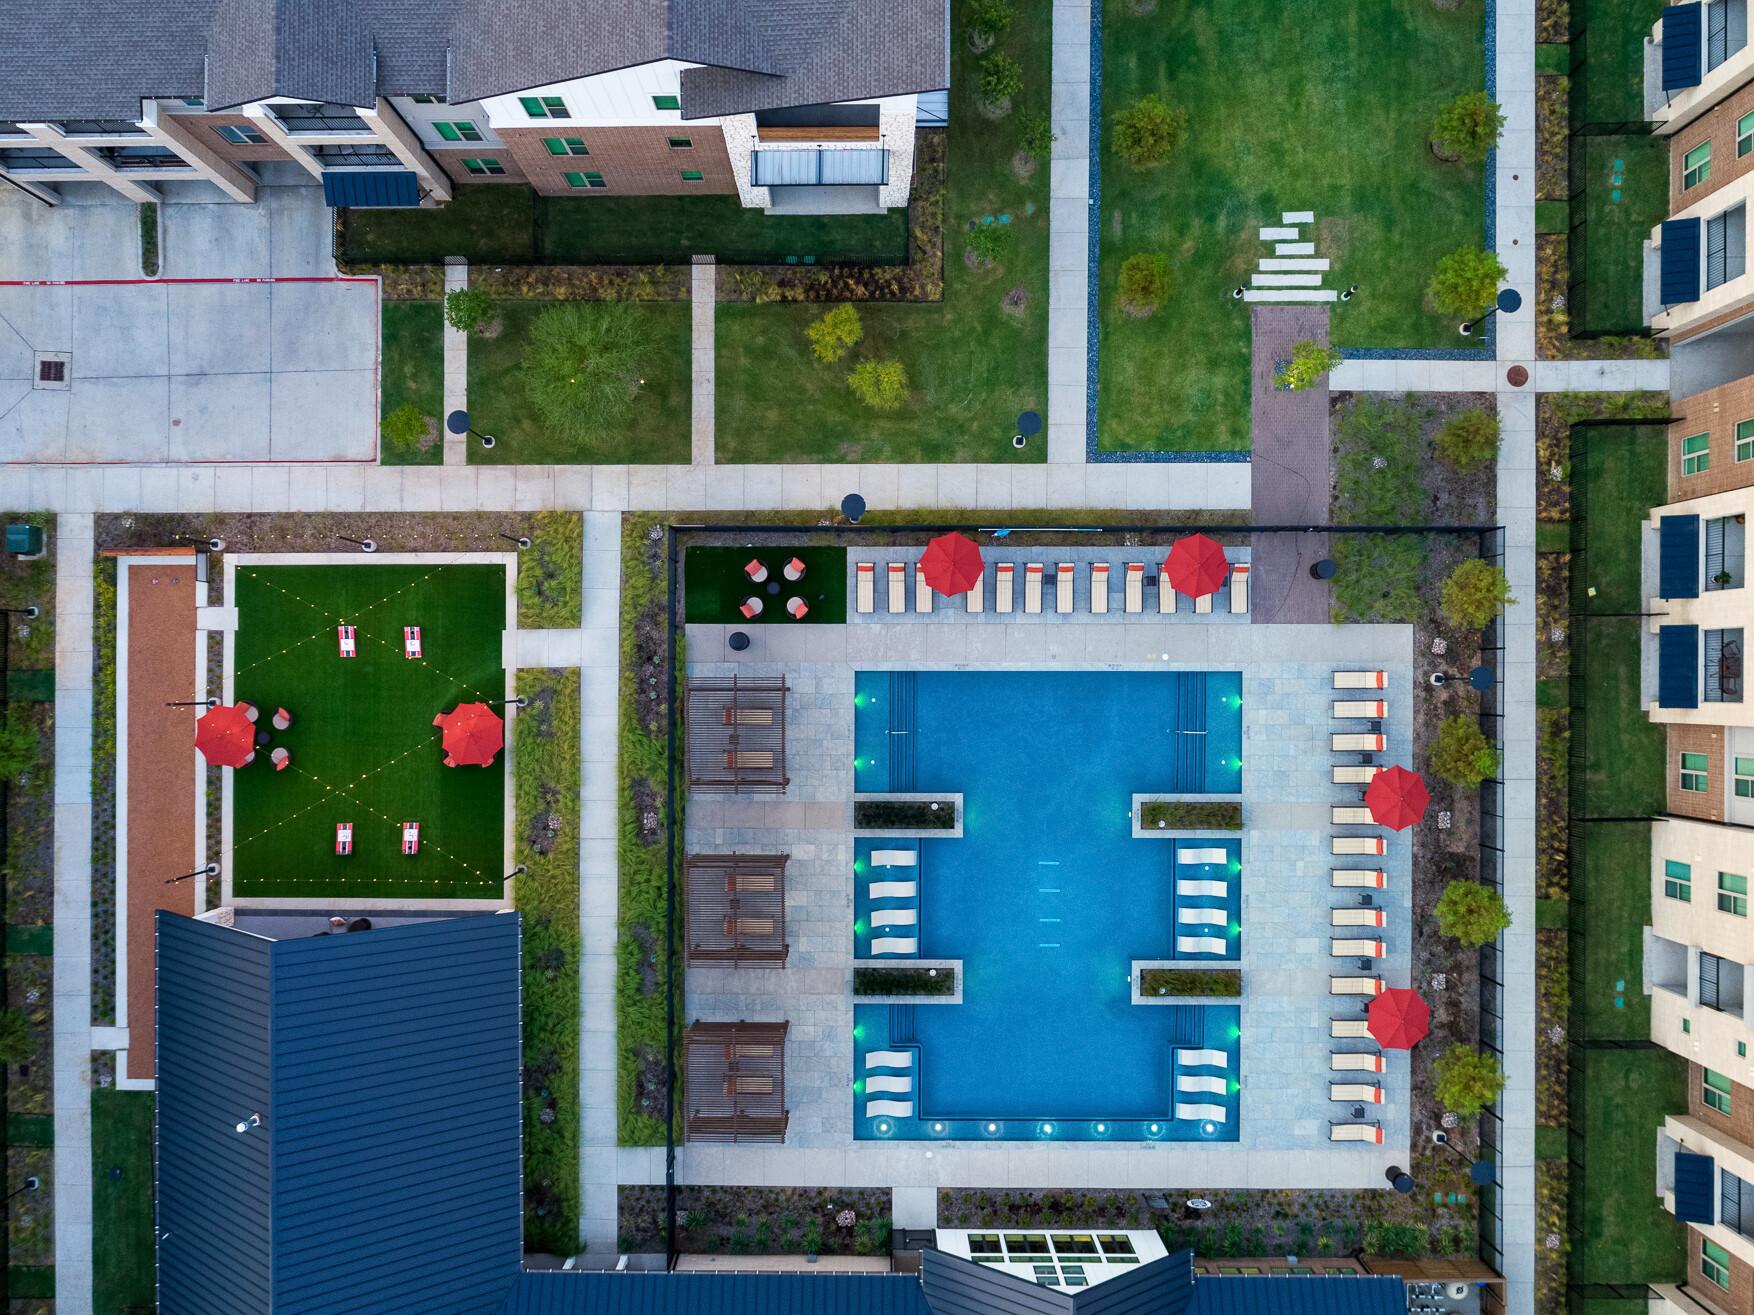 Apartment Photographer - Aerial